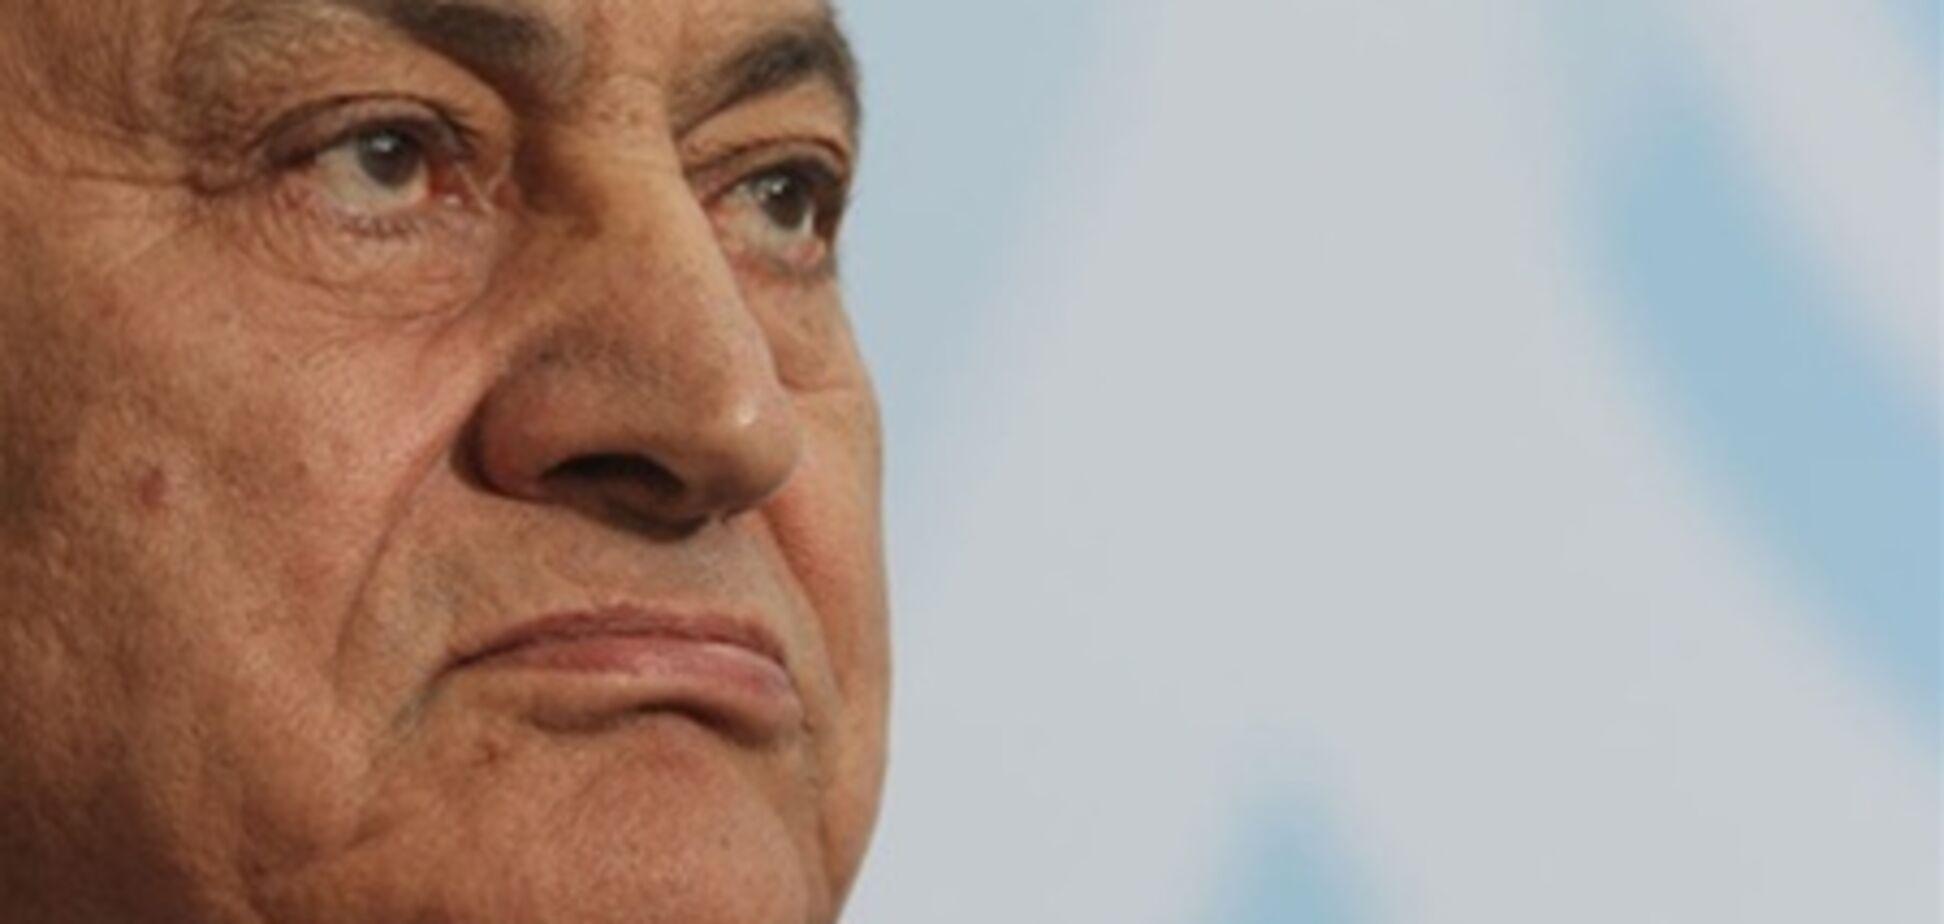 Якщо провину Мубарака доведуть, йому загрожує смертна кара